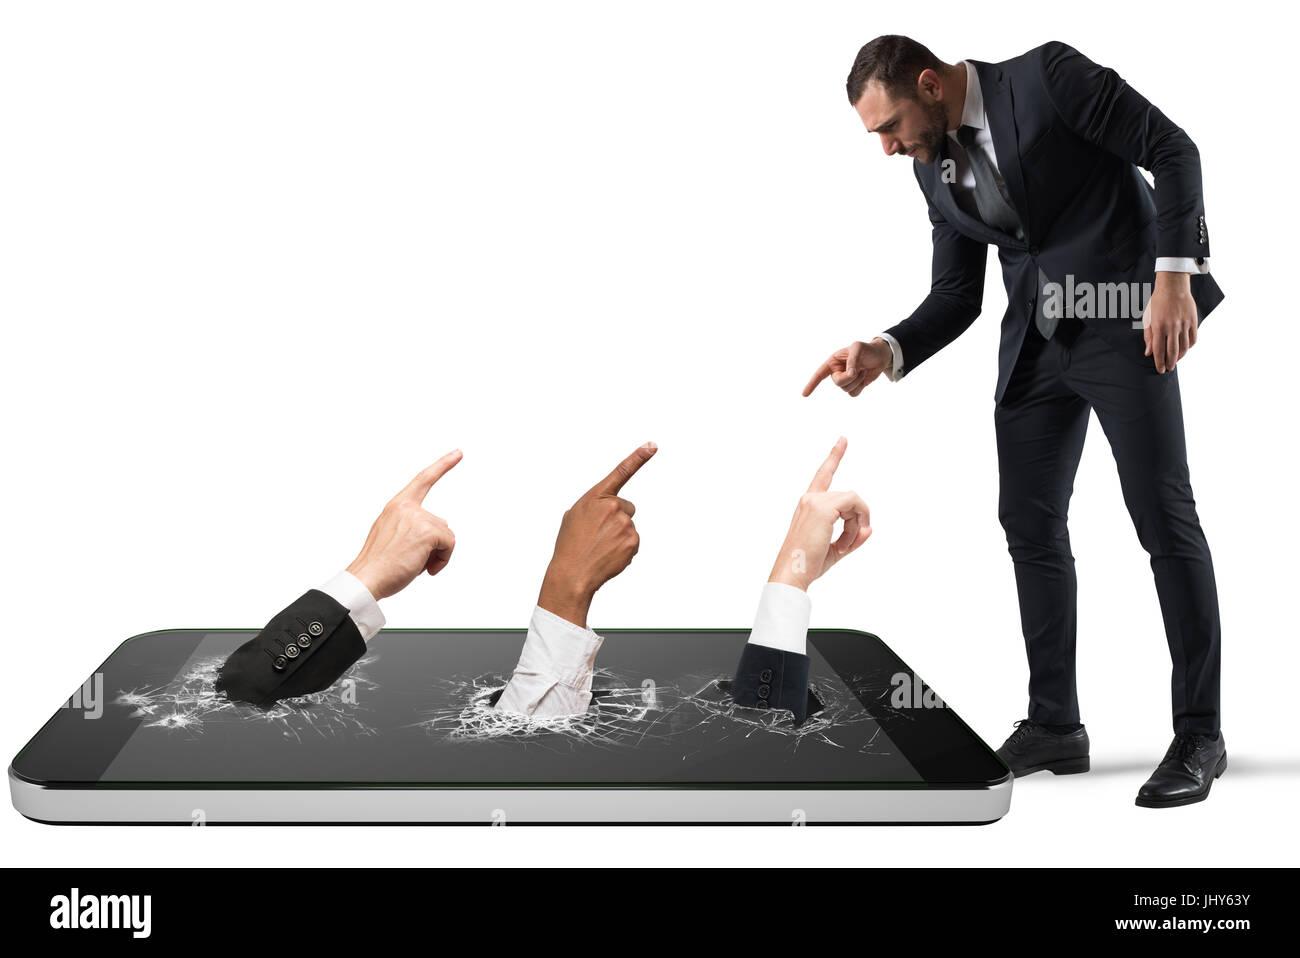 El hombre enojado víctima de acoso cibernético con personas que indican que él Imagen De Stock